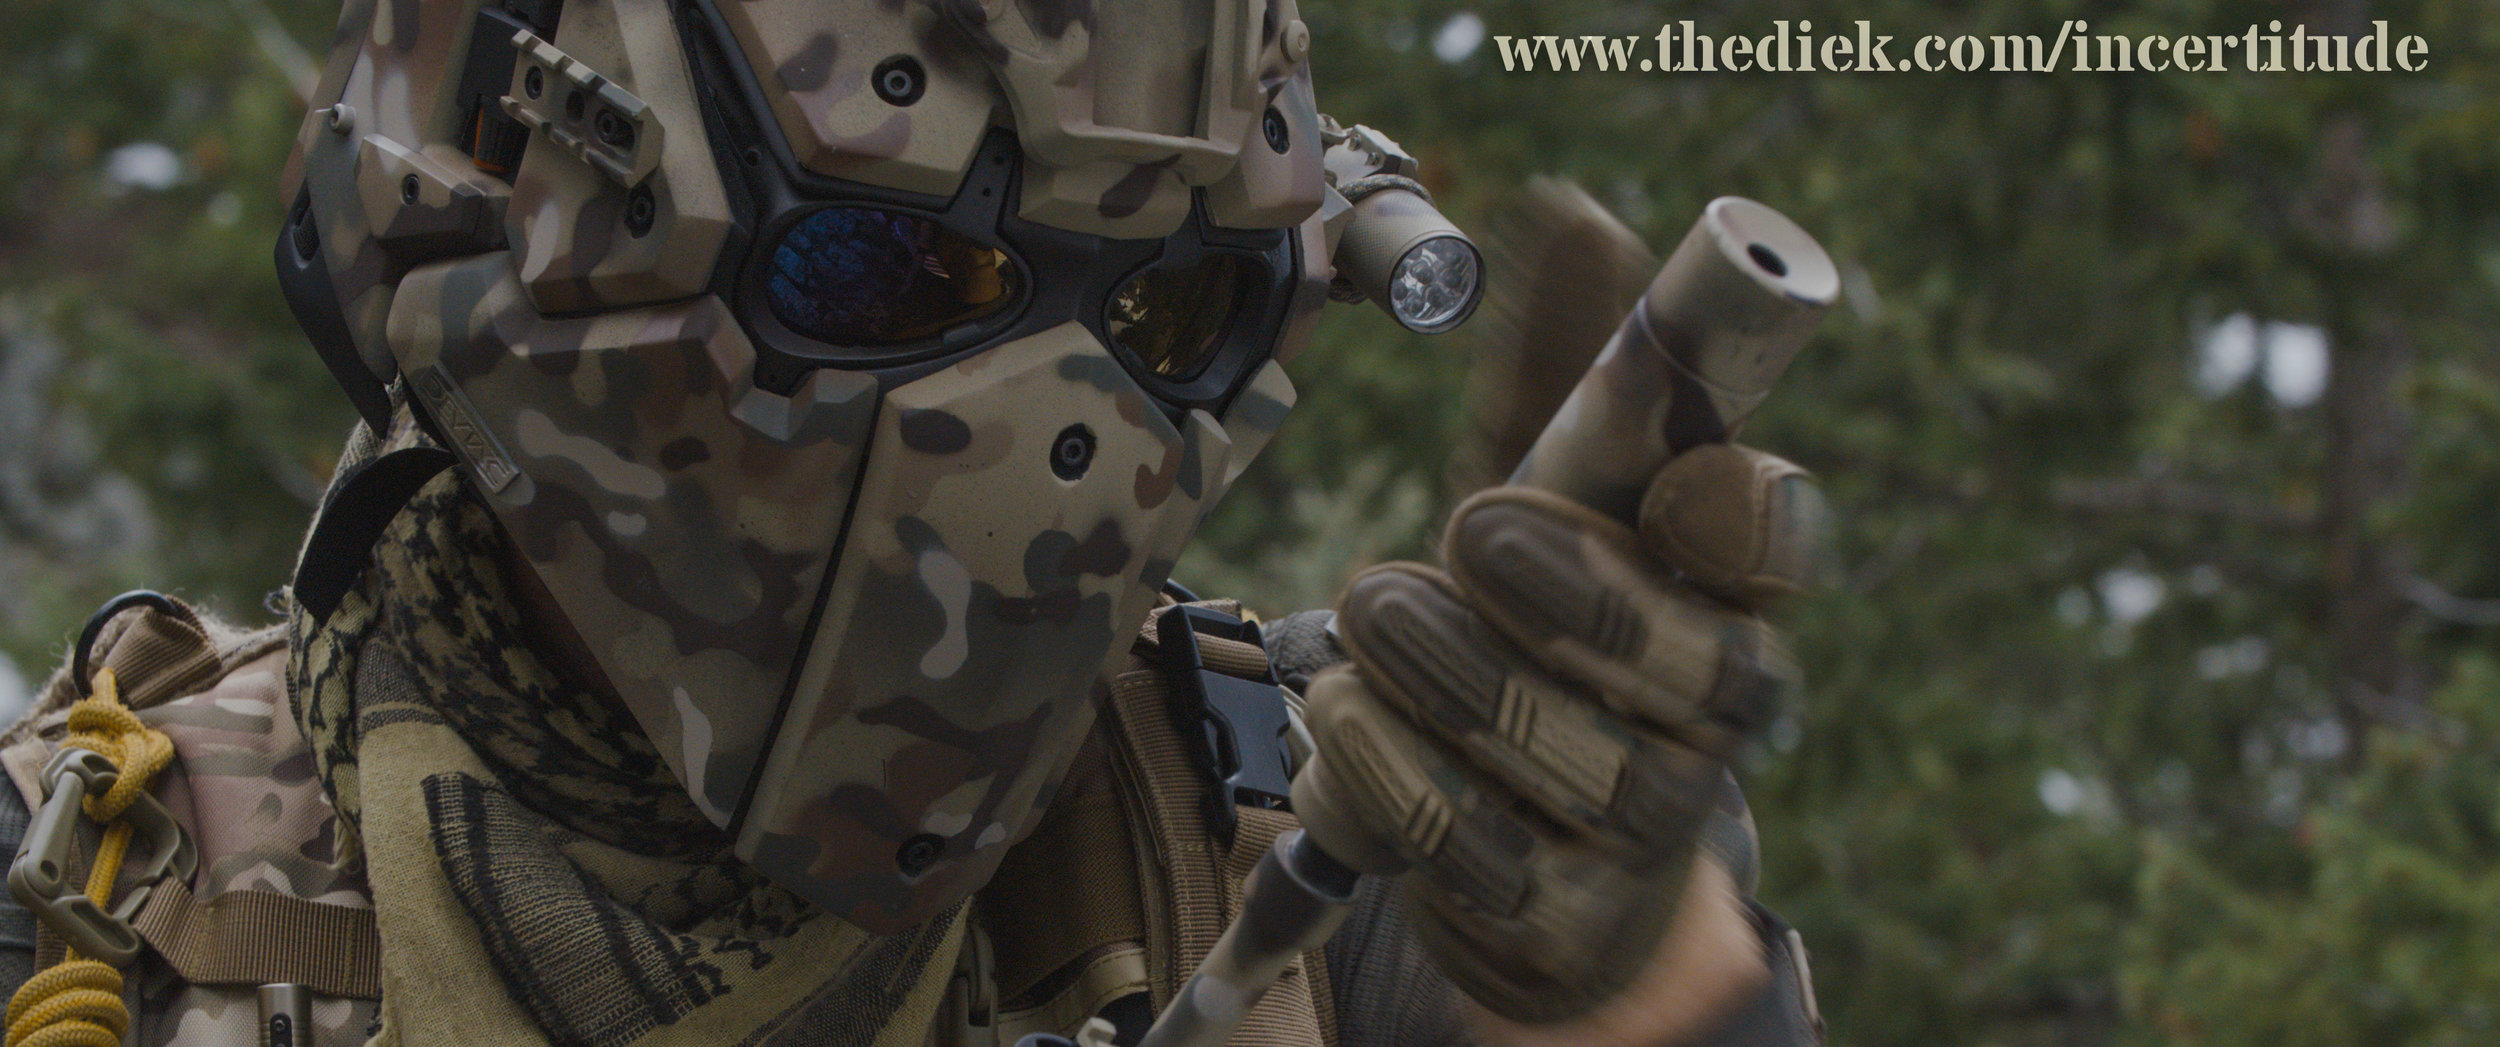 helmet silencer 1 still.jpg